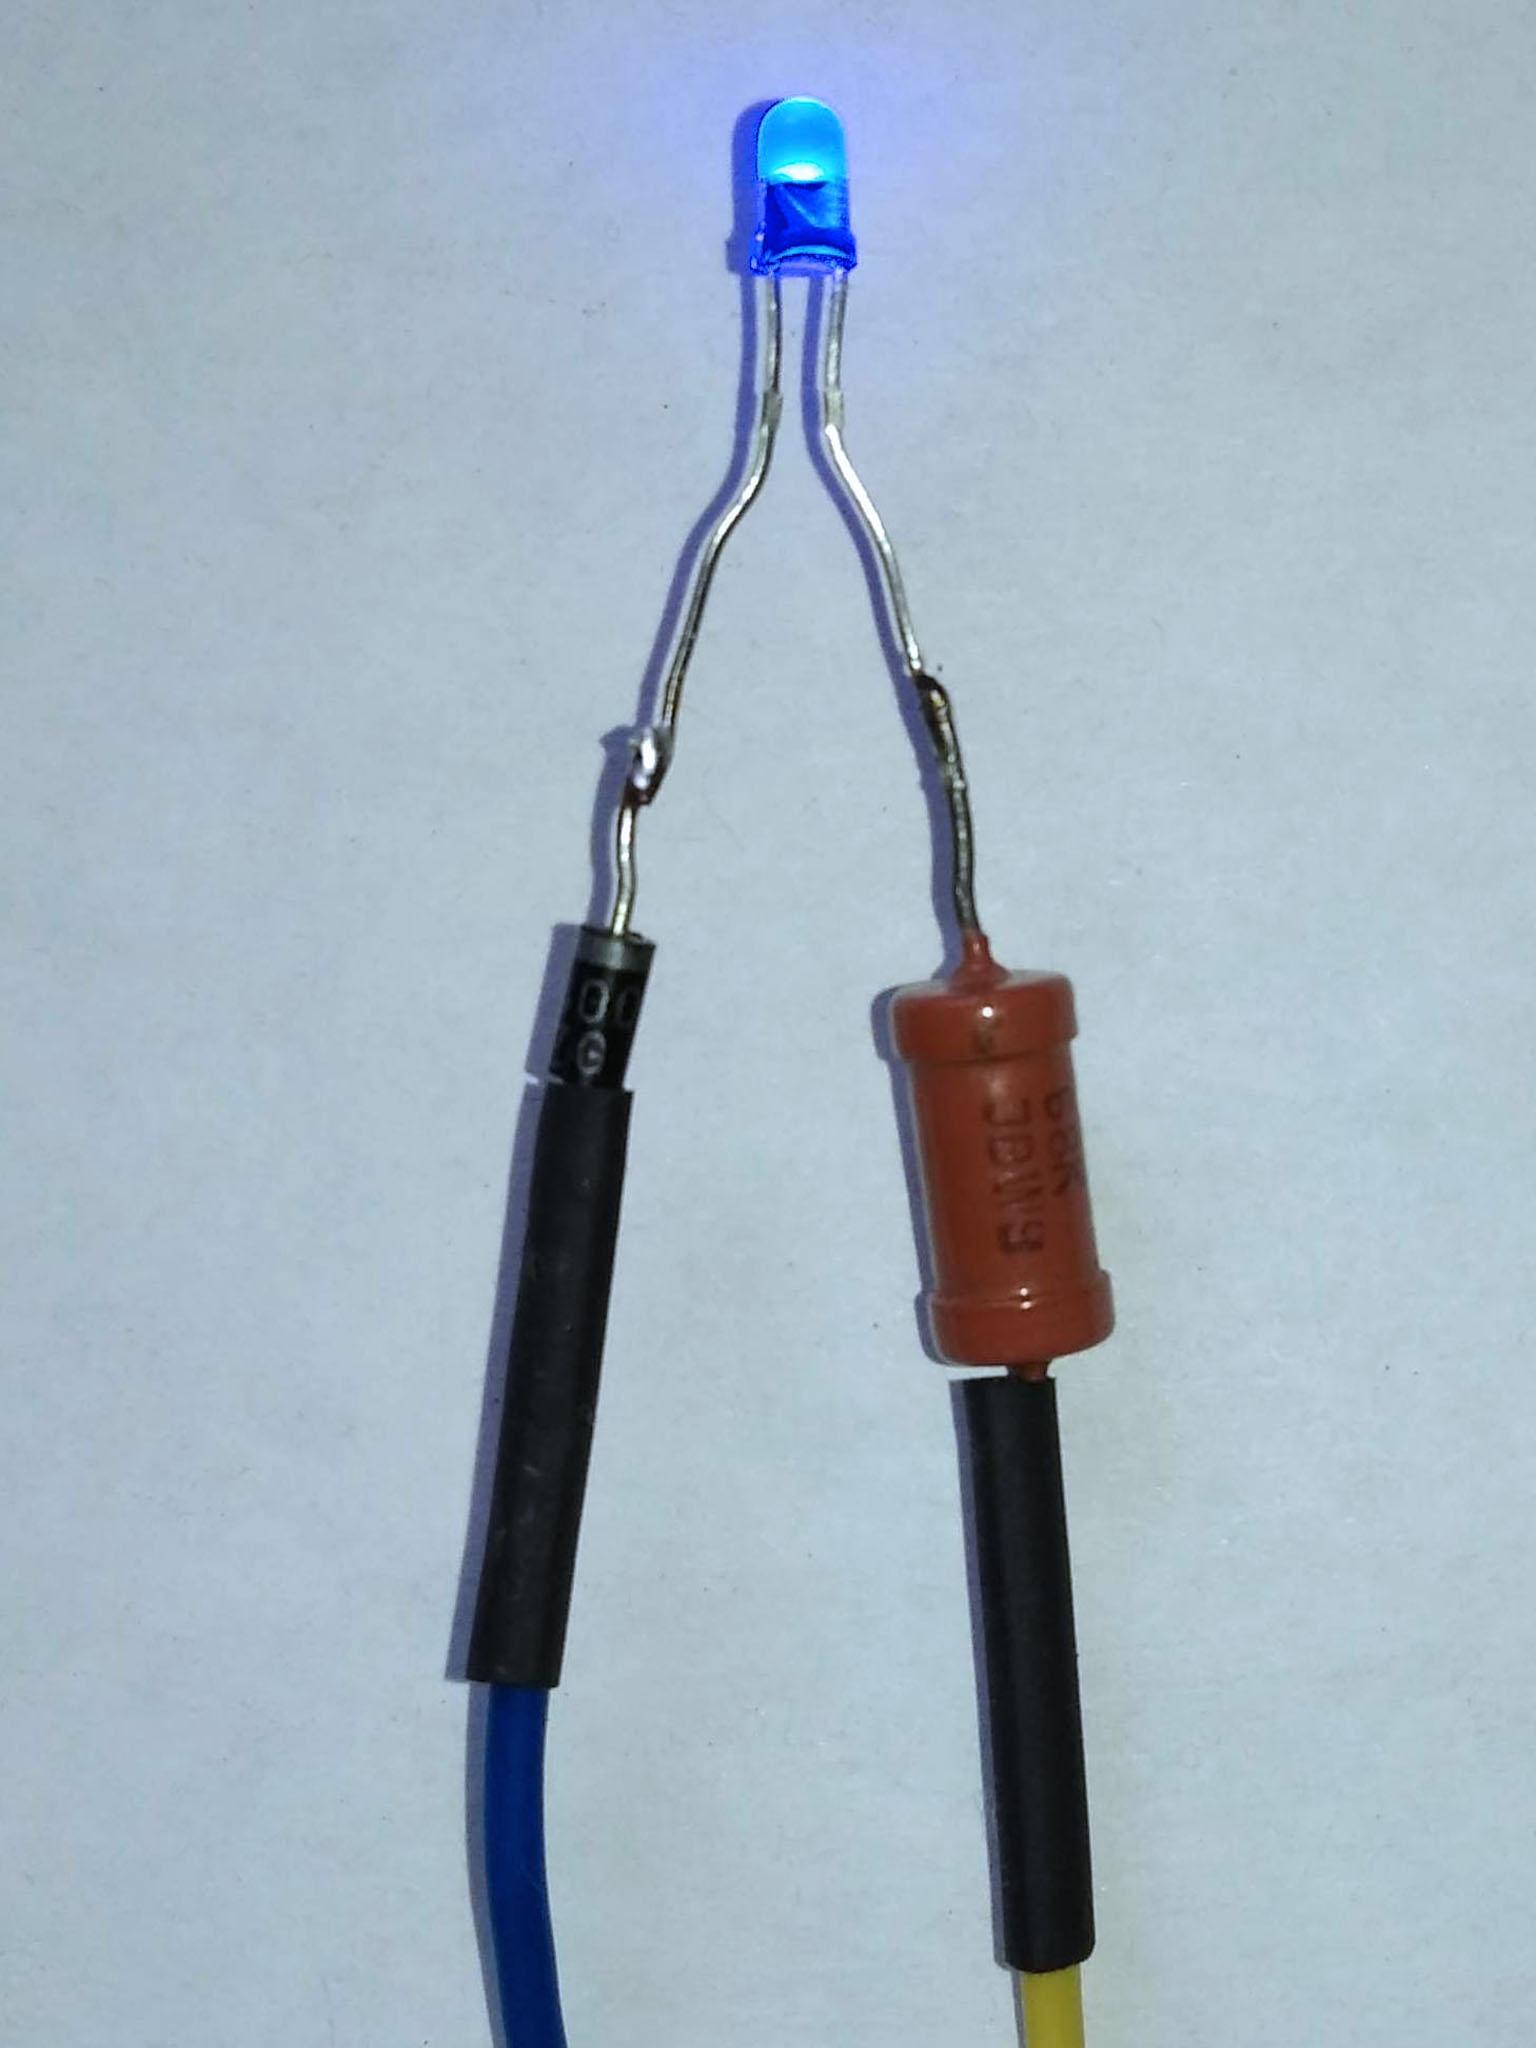 светодиод с резистором 68 кОм и с включенным последовательно диодом